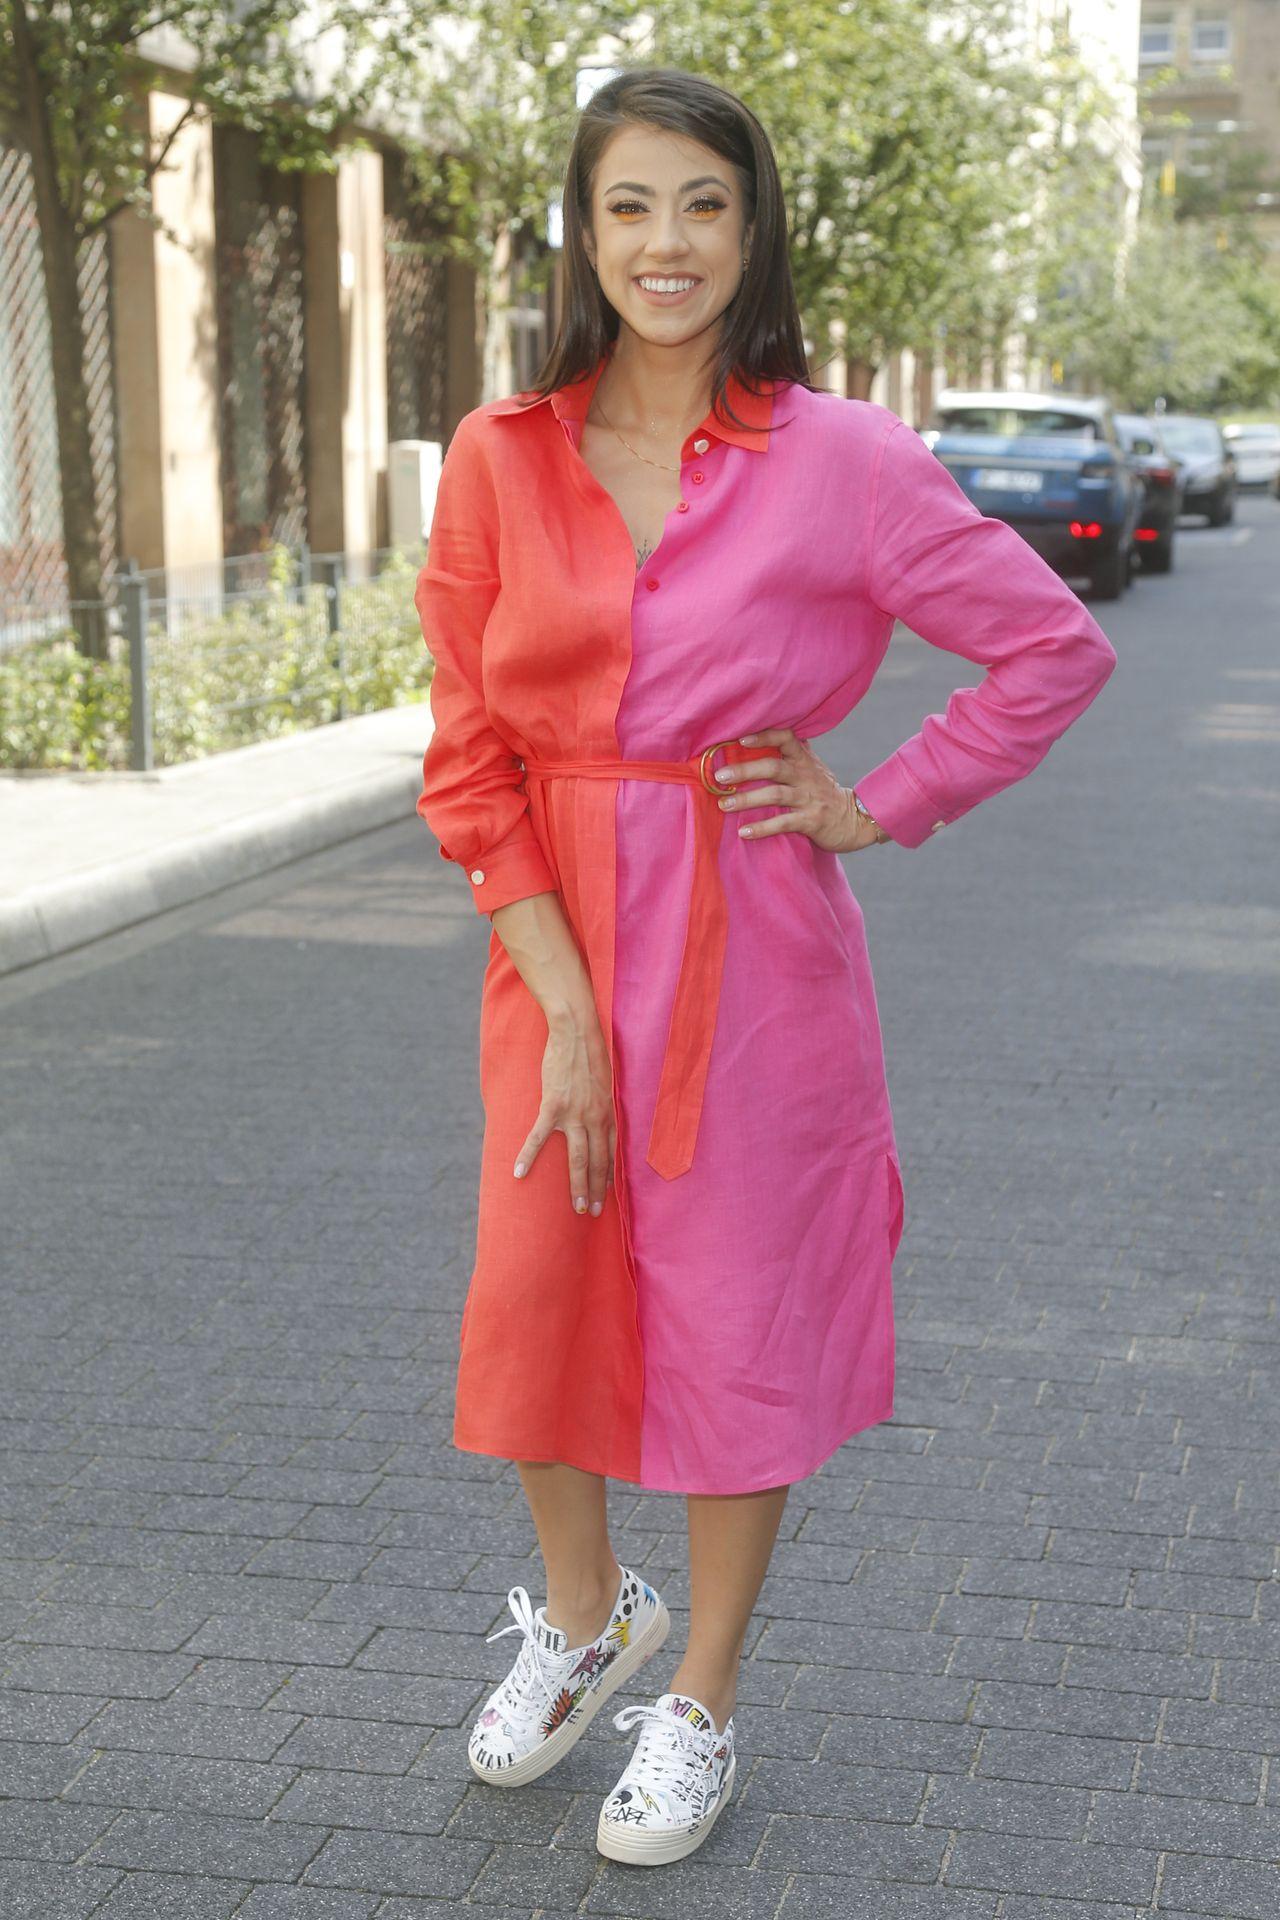 Maja Hyży w czerwono-różowej sukience i ciekawym makijażu.